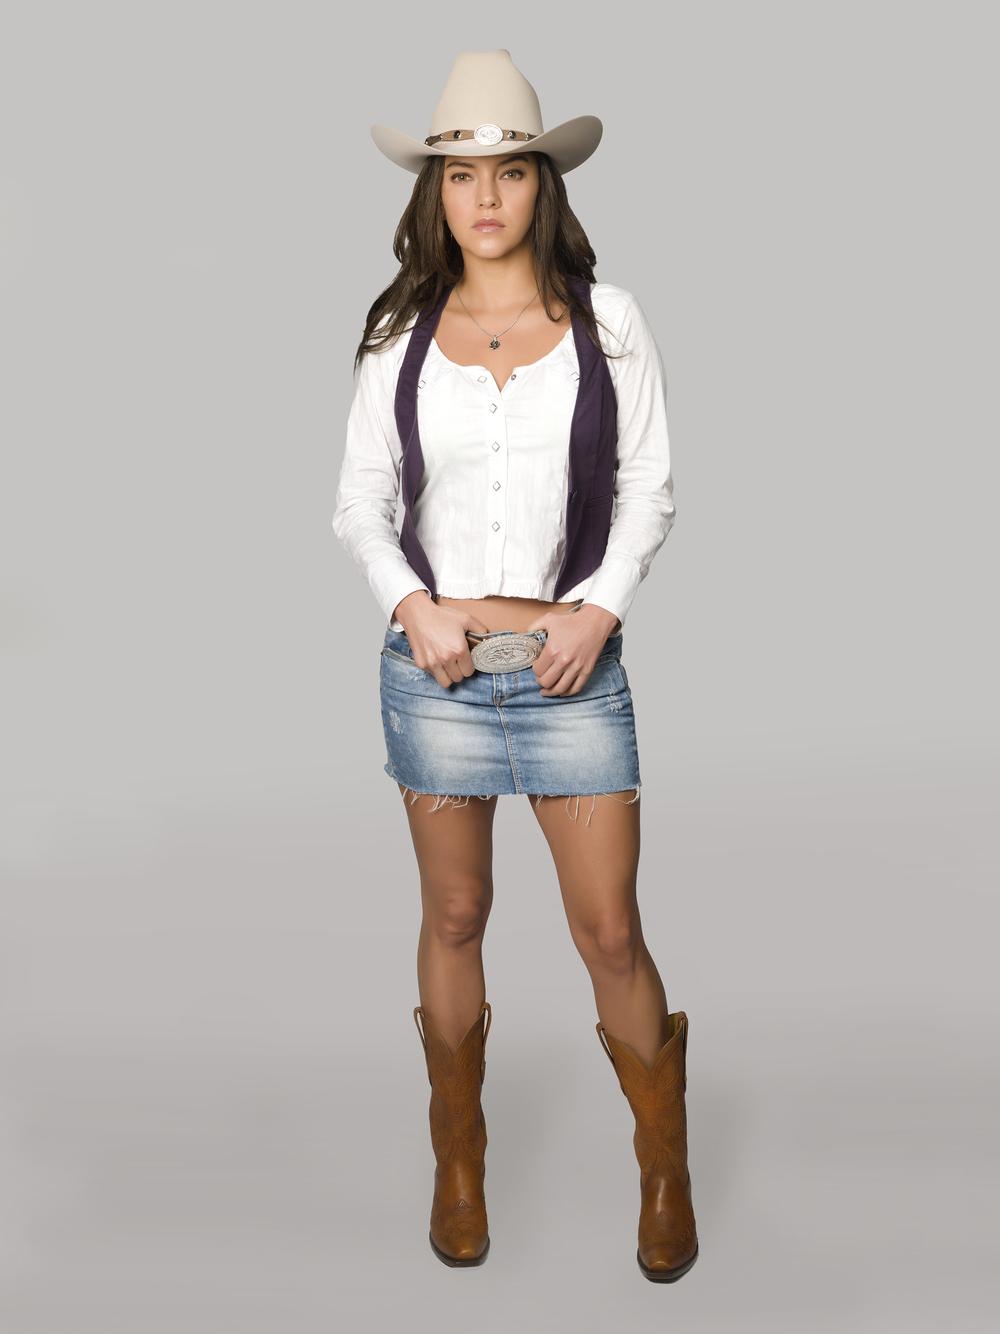 Sara Maldonado como Camelia La Texana_003.jpg